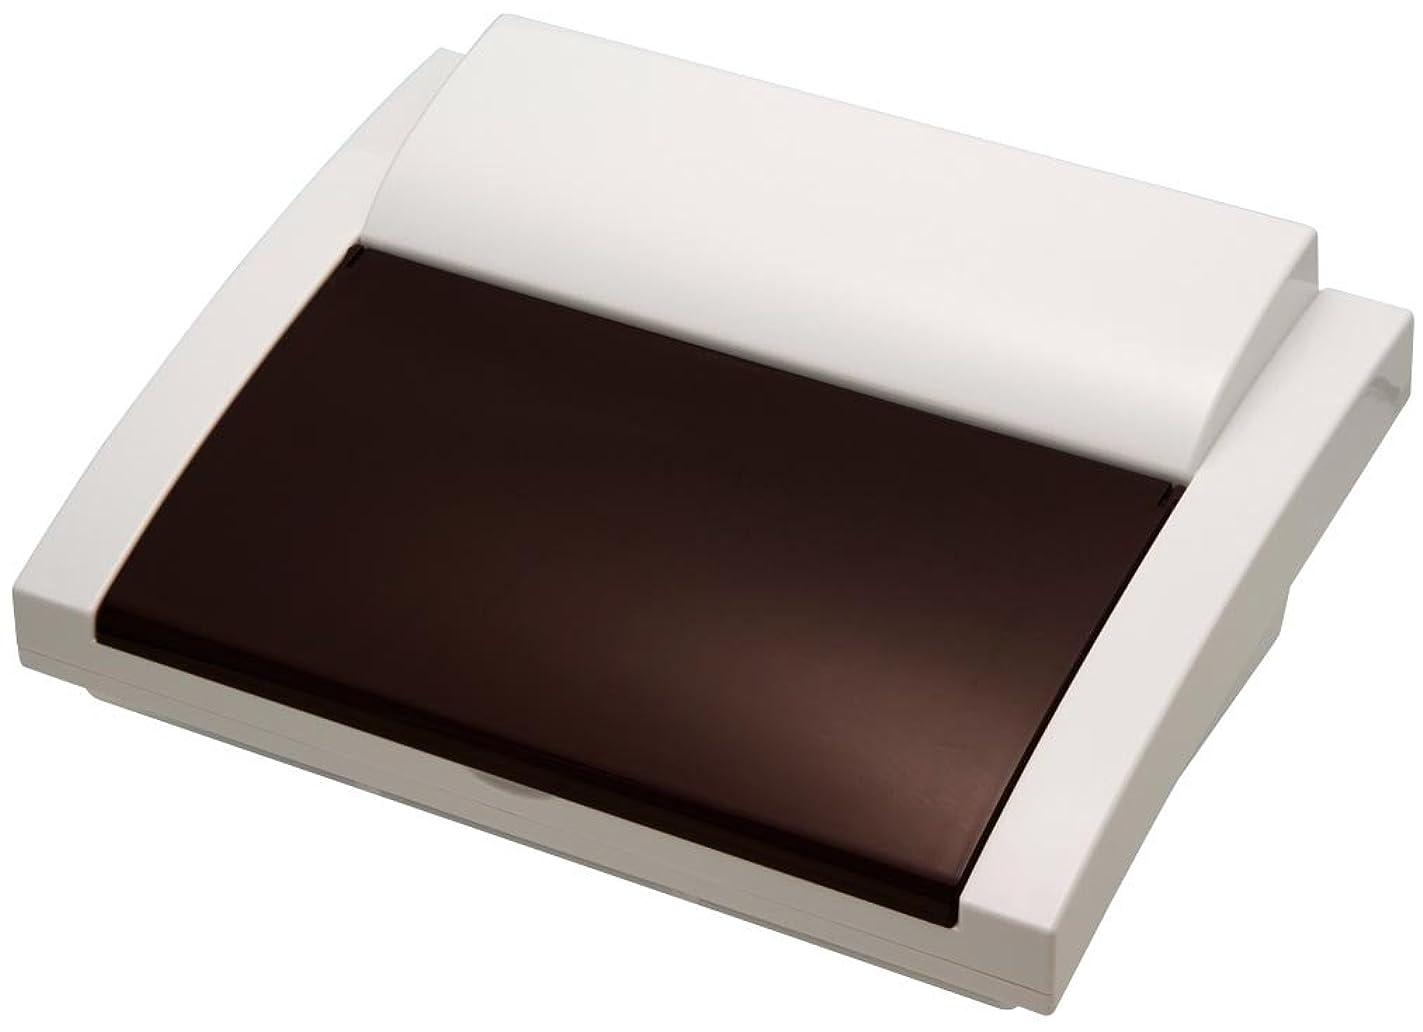 鉱夫賞賛クマノミステアライザー(ステリライザー)STERILIZER COMPACT 209C / 紫外線 UV 消毒器 殺菌器